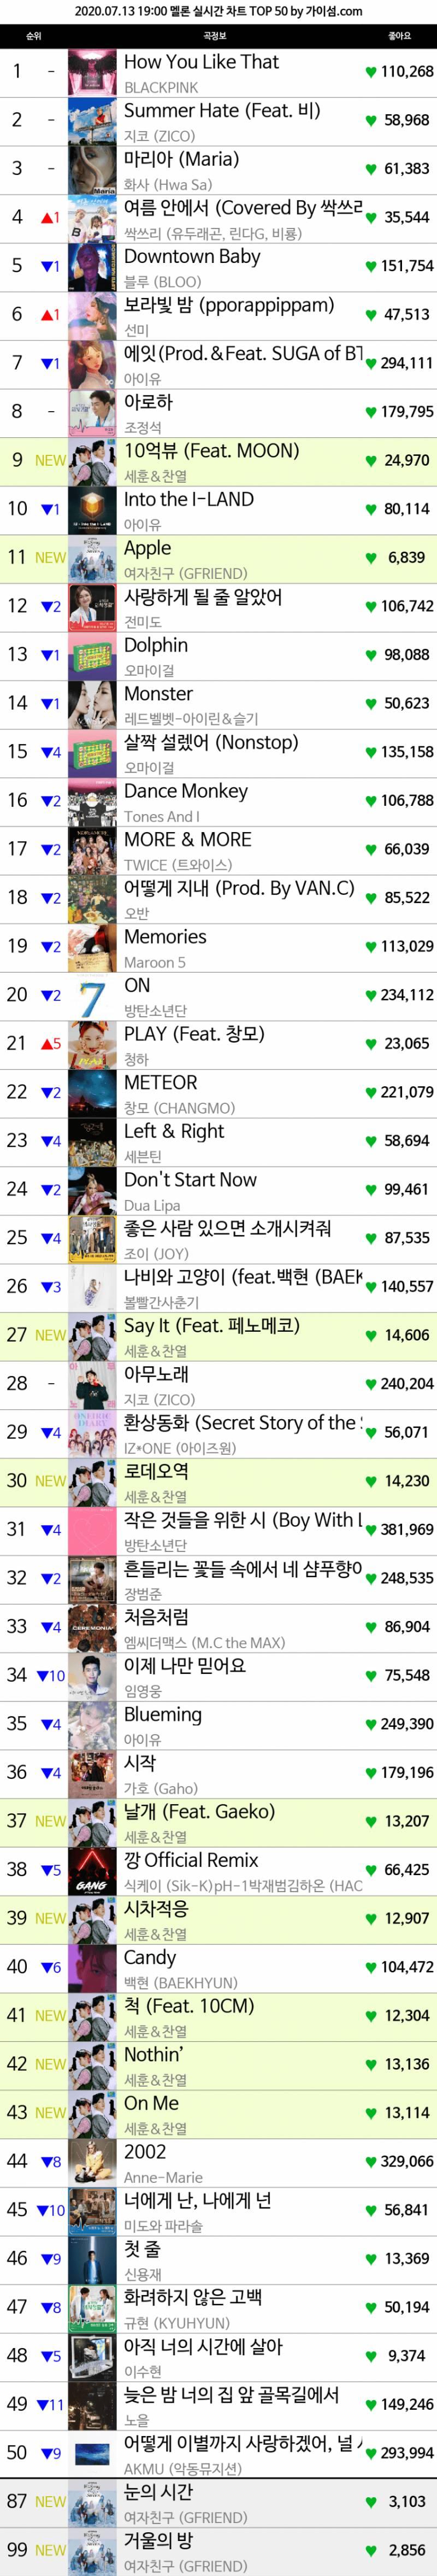 멜론 개편전 19시차트 TOP50.jpg (엑소-세찬, 여자친구 진입) | 인스티즈